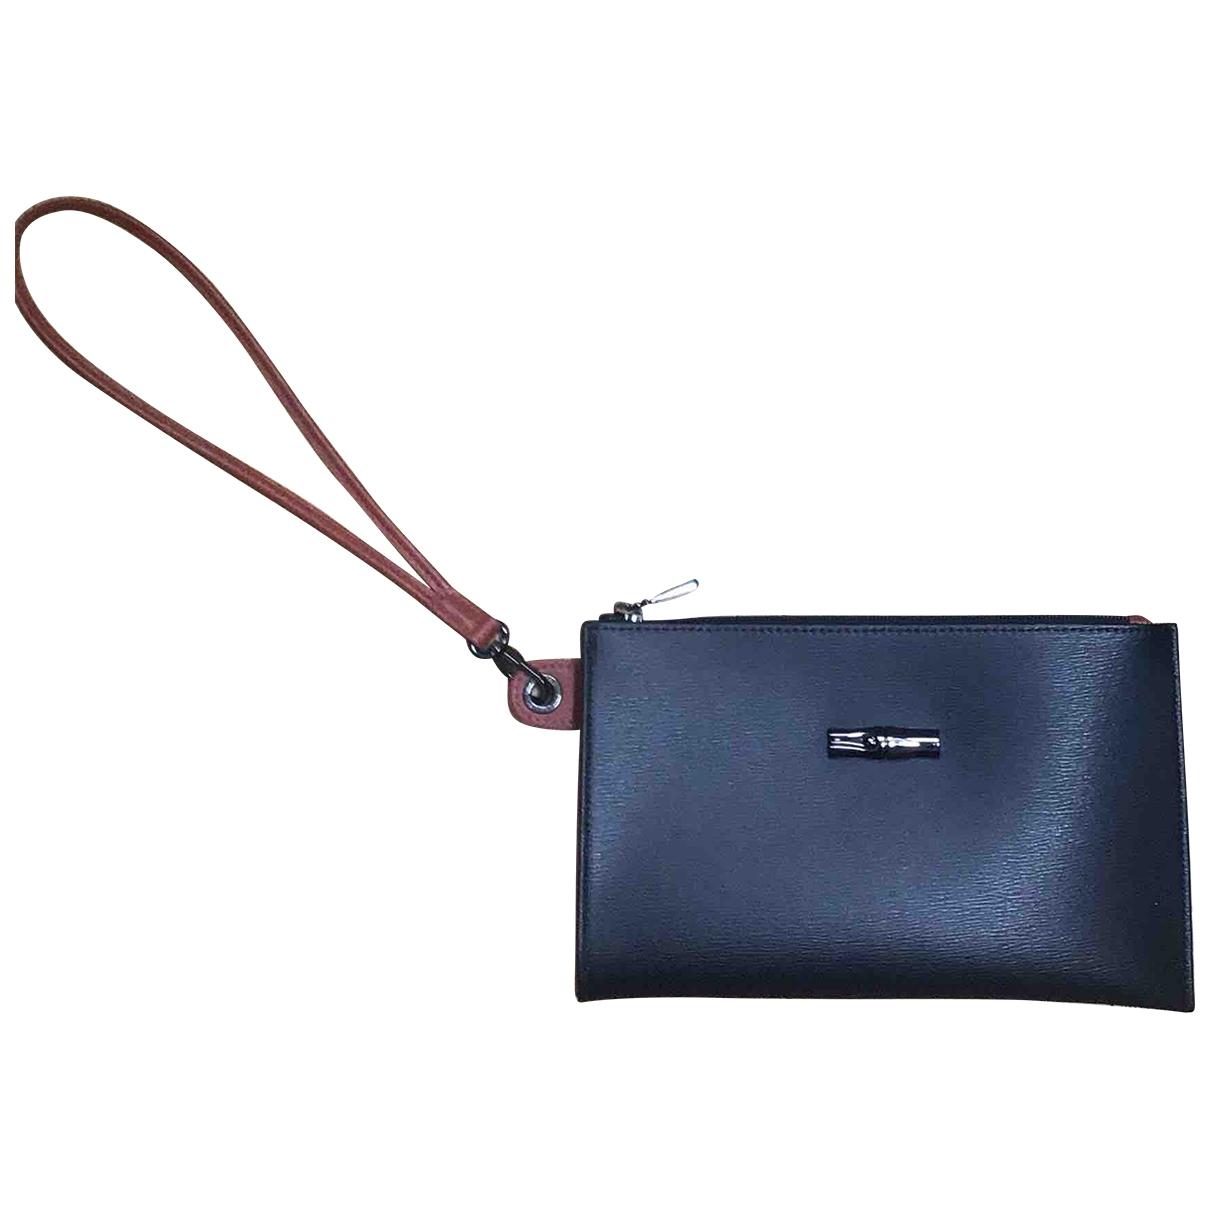 Longchamp - Pochette Roseau pour femme en cuir - noir